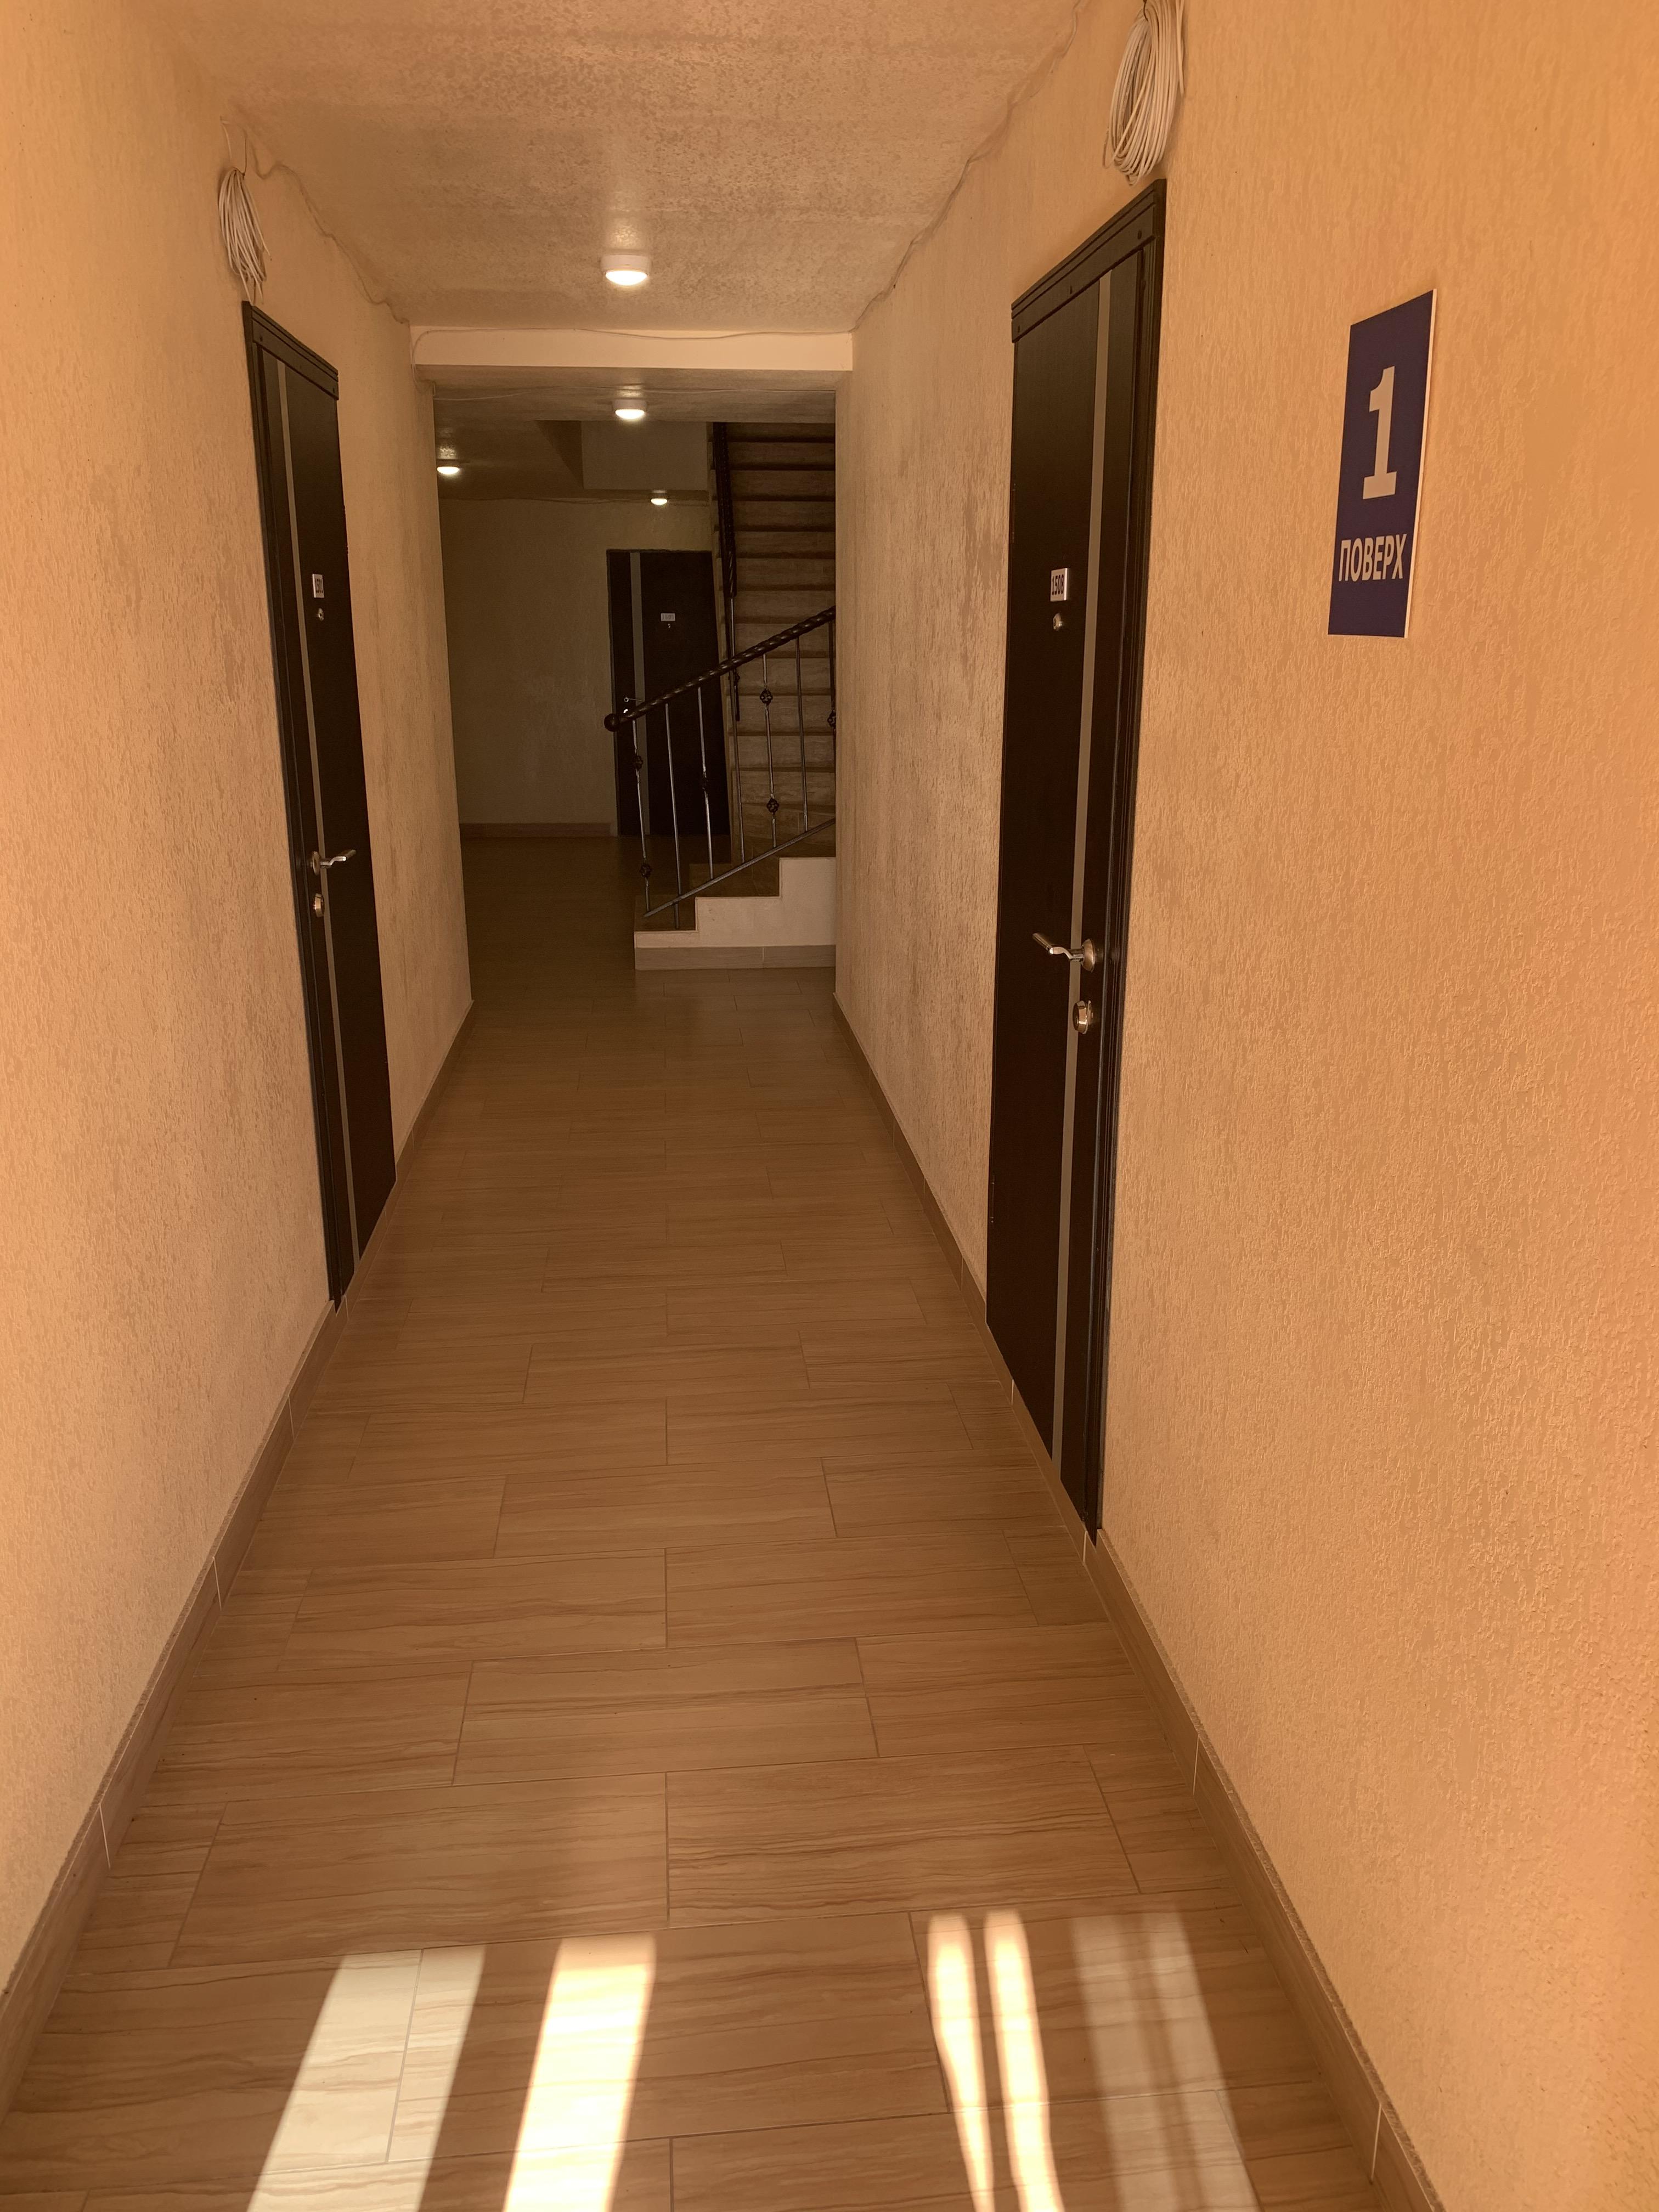 приморск,Харьковская область,1 Комната Комнат,1 ВаннаяВанных комнат,Жилая недвижимость,приморск,3,1208